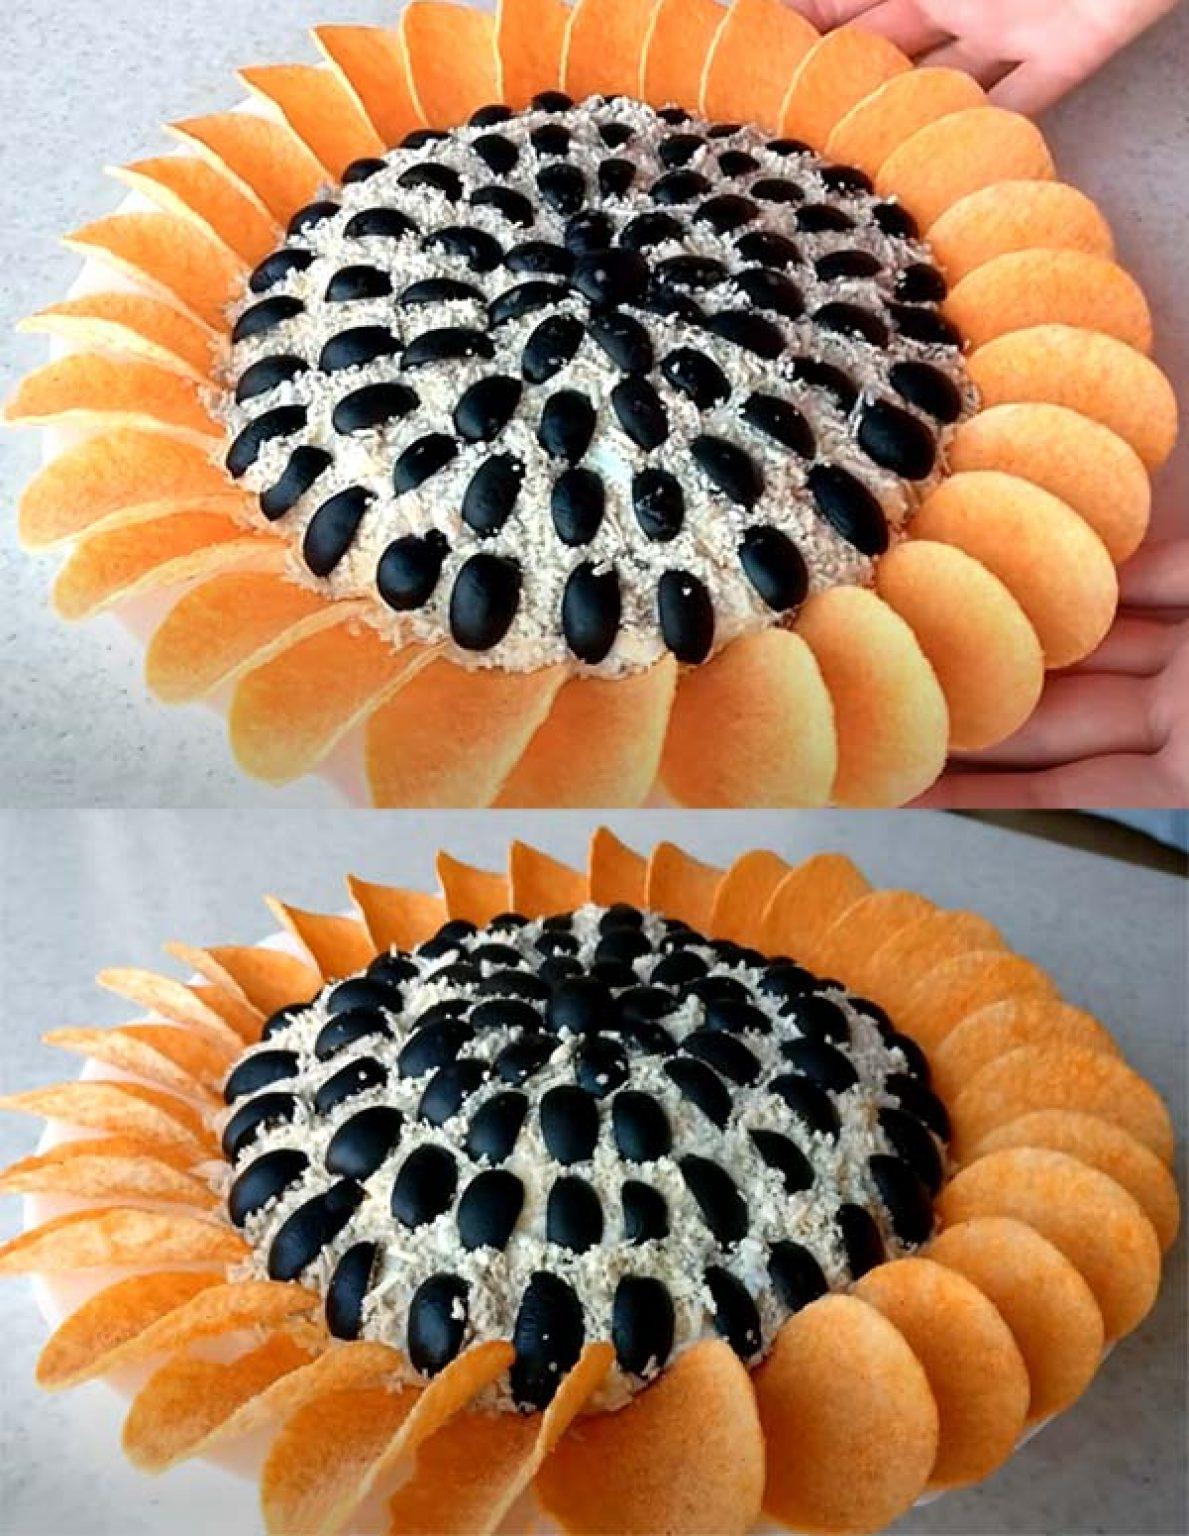 салат Подсолнух с добавлением крабовых палочек или креветок фото